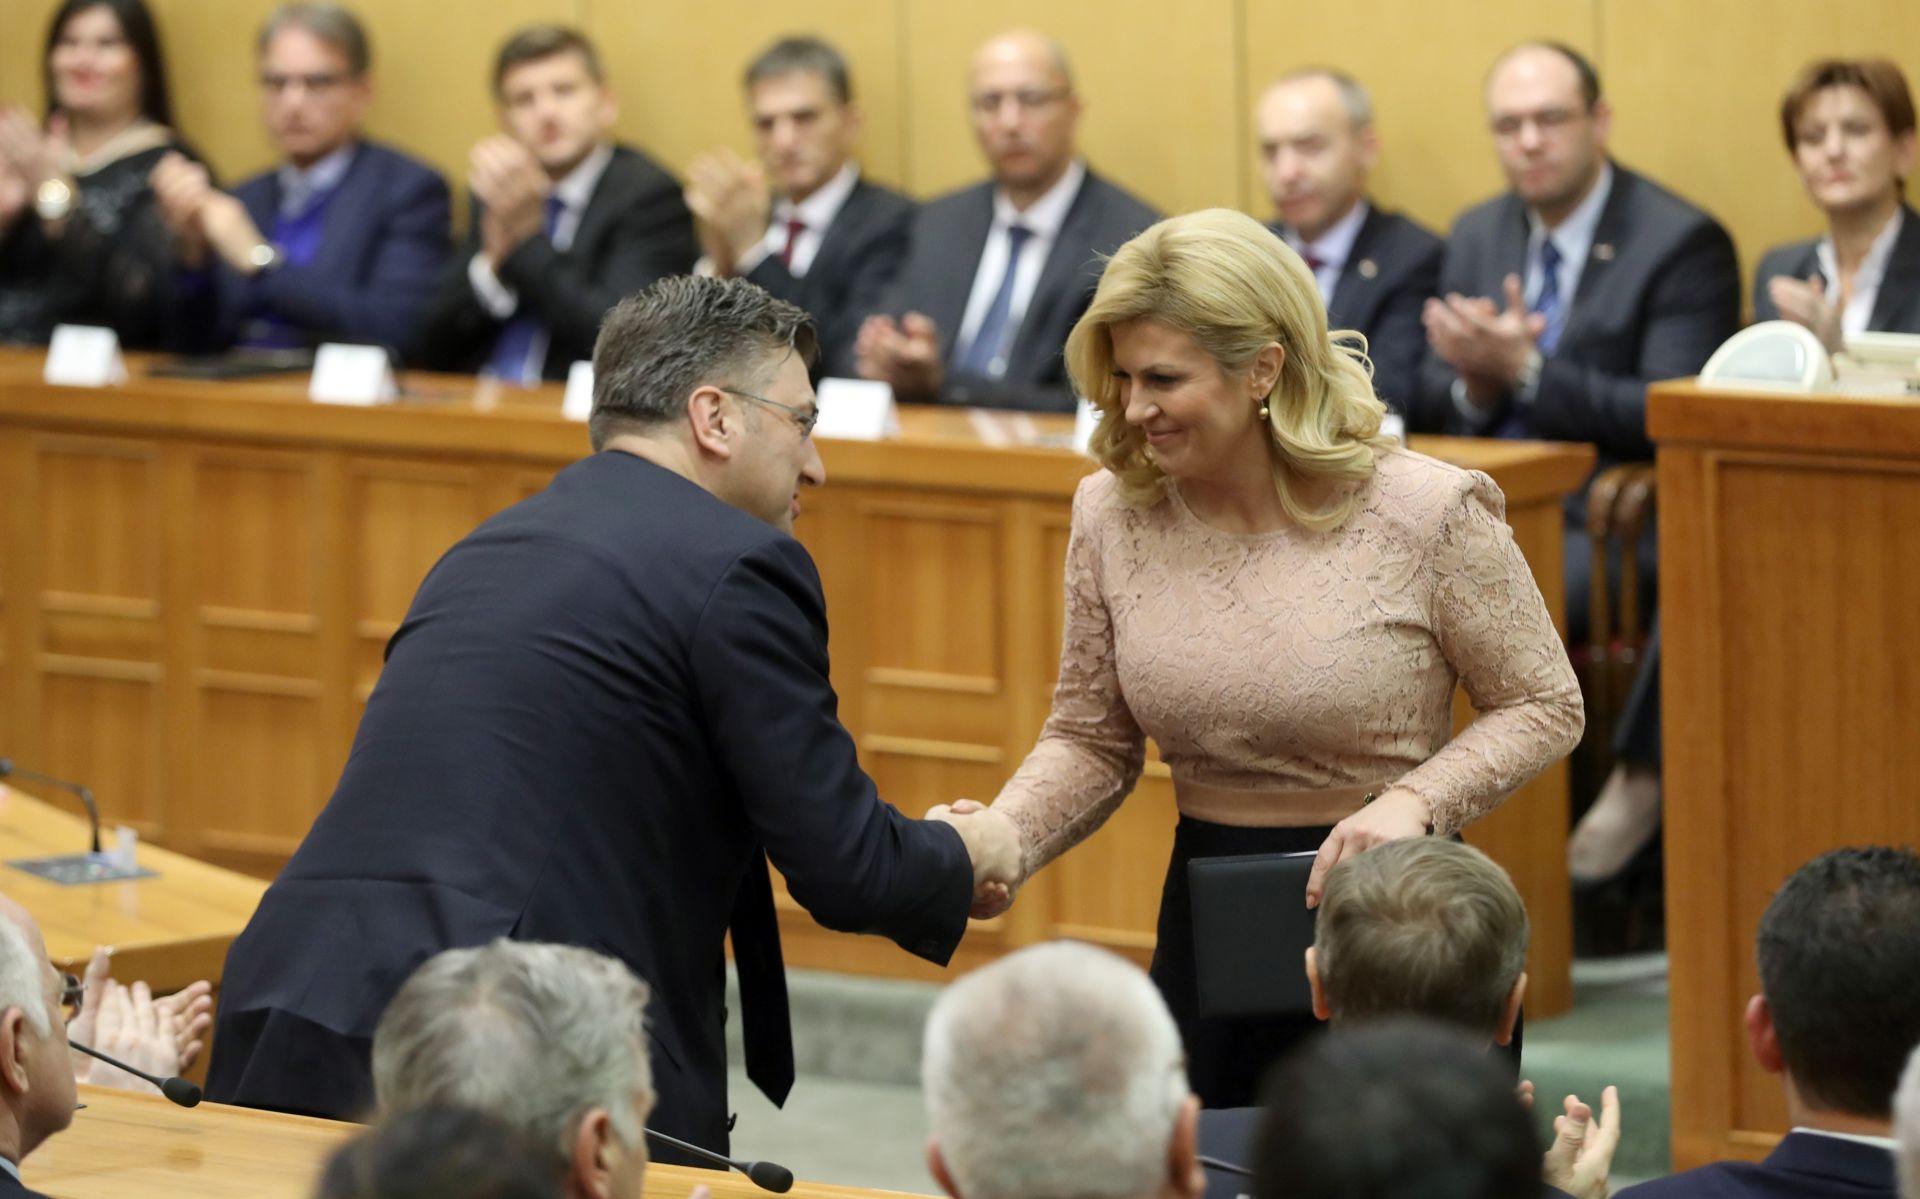 Sastali se premijer i predsjednica, sjednica VNS-a 28. svibnja